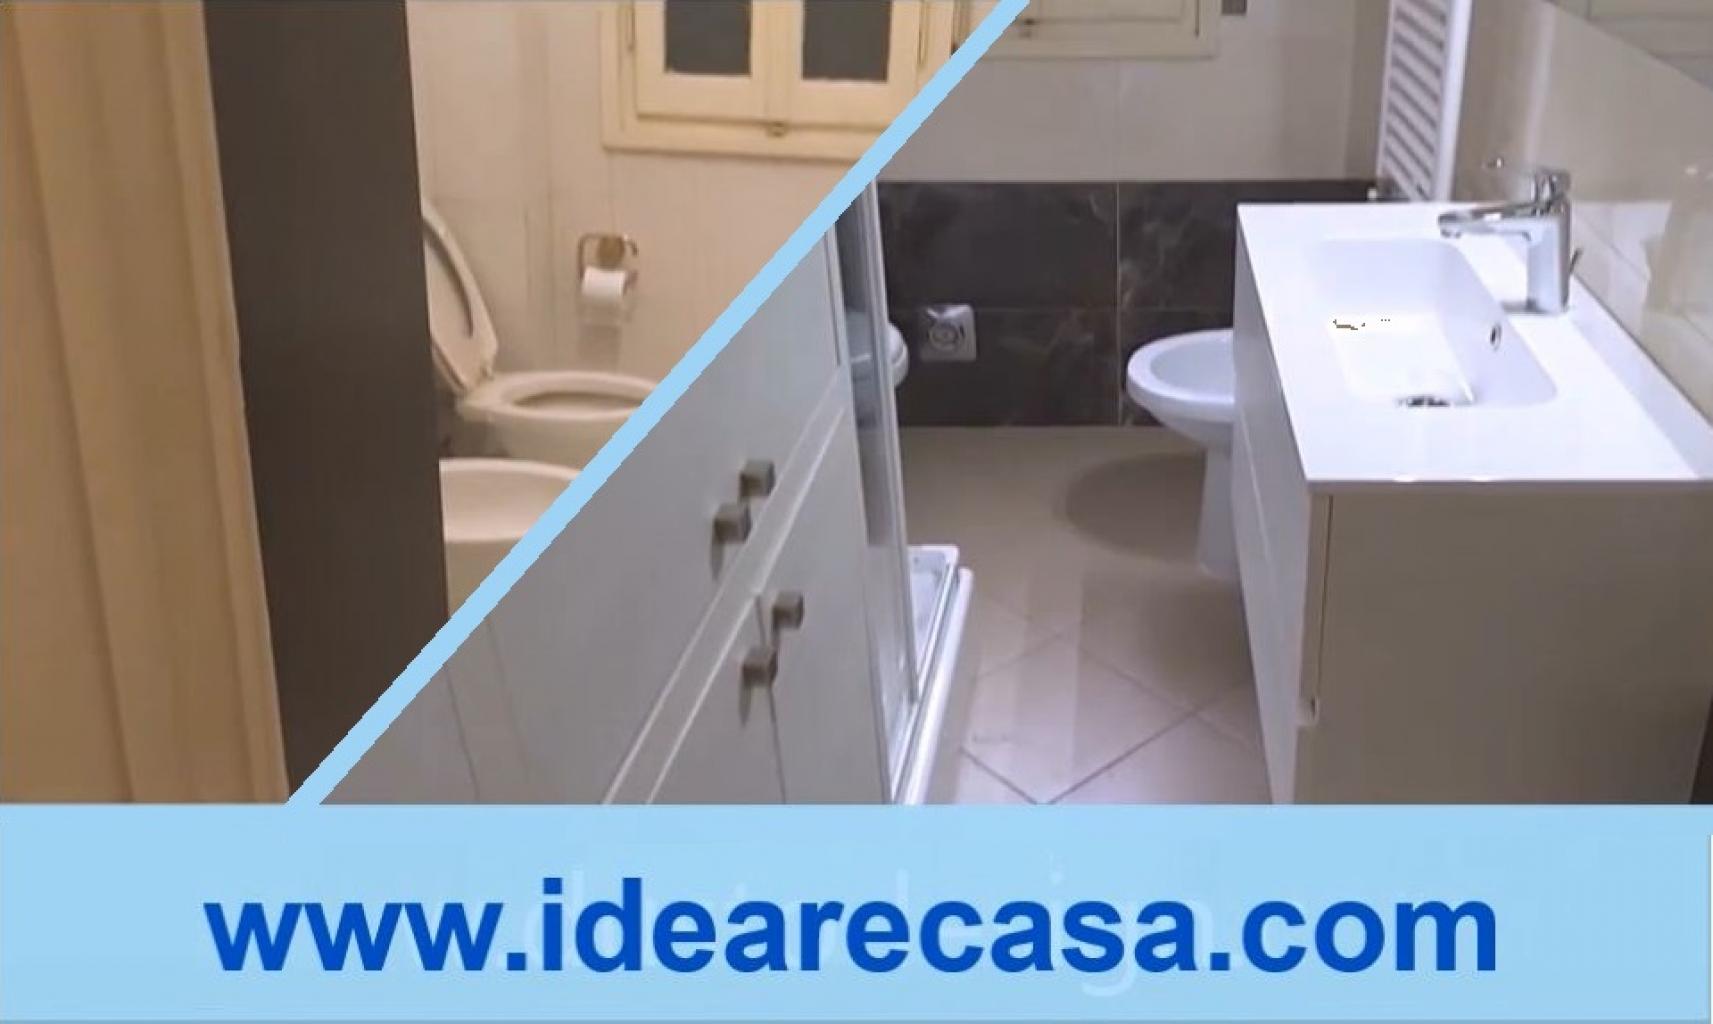 Bagno Con Doccia E Lavatrice.Ristrutturazione Bagno Con Colonna Porta Lavatrice Asciugatrice E